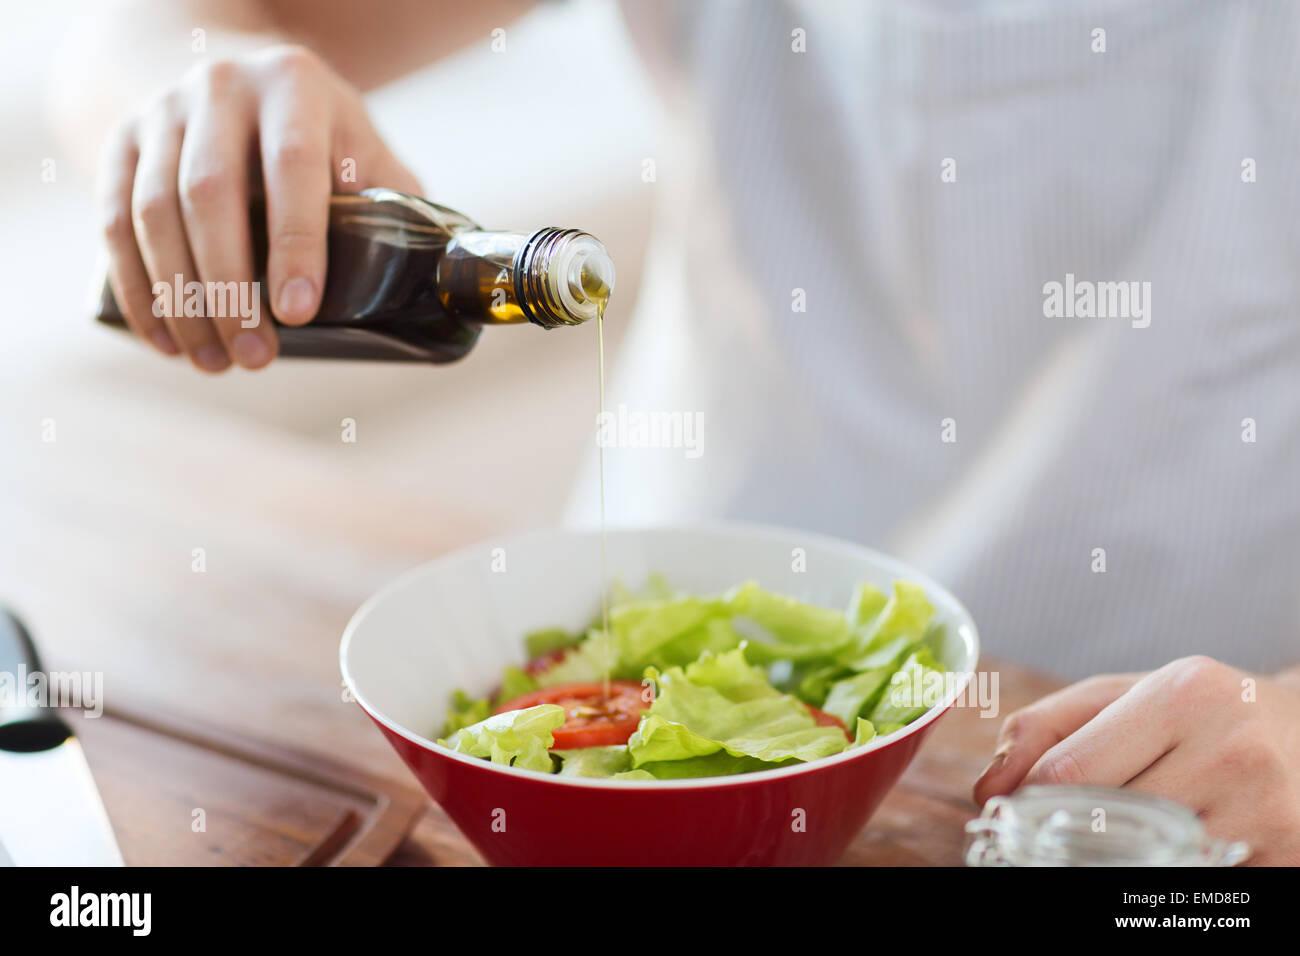 Les mains de l'assaisonnement dans un bol à salade Photo Stock